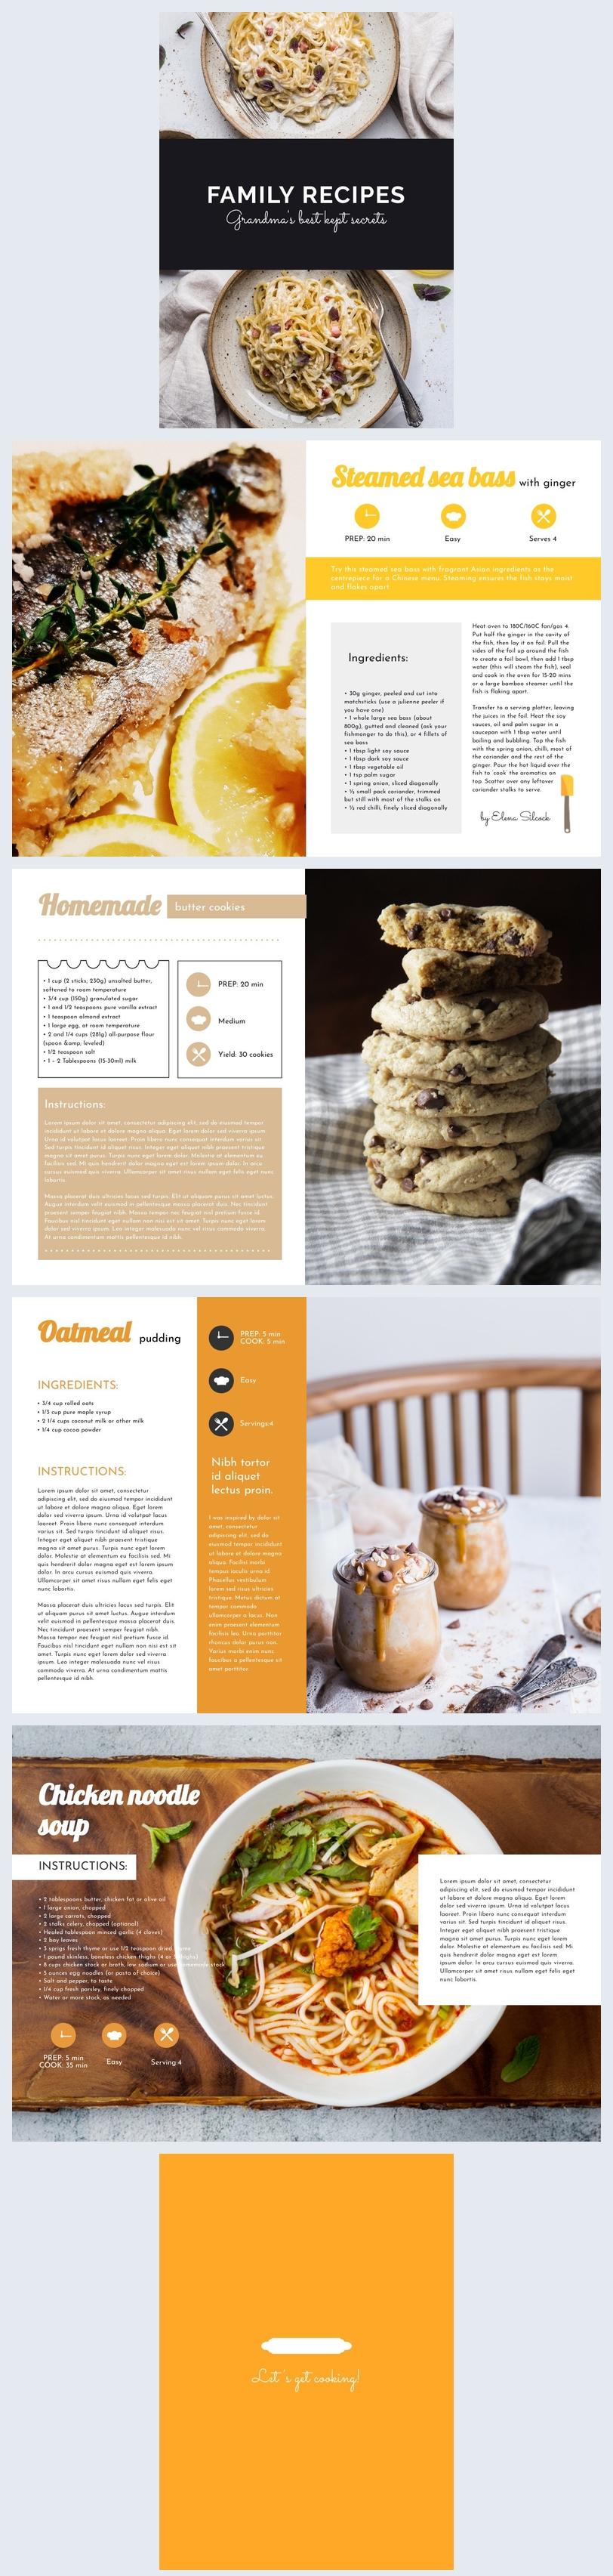 Beispiel für ein Editierbares DIY-Kochbuch